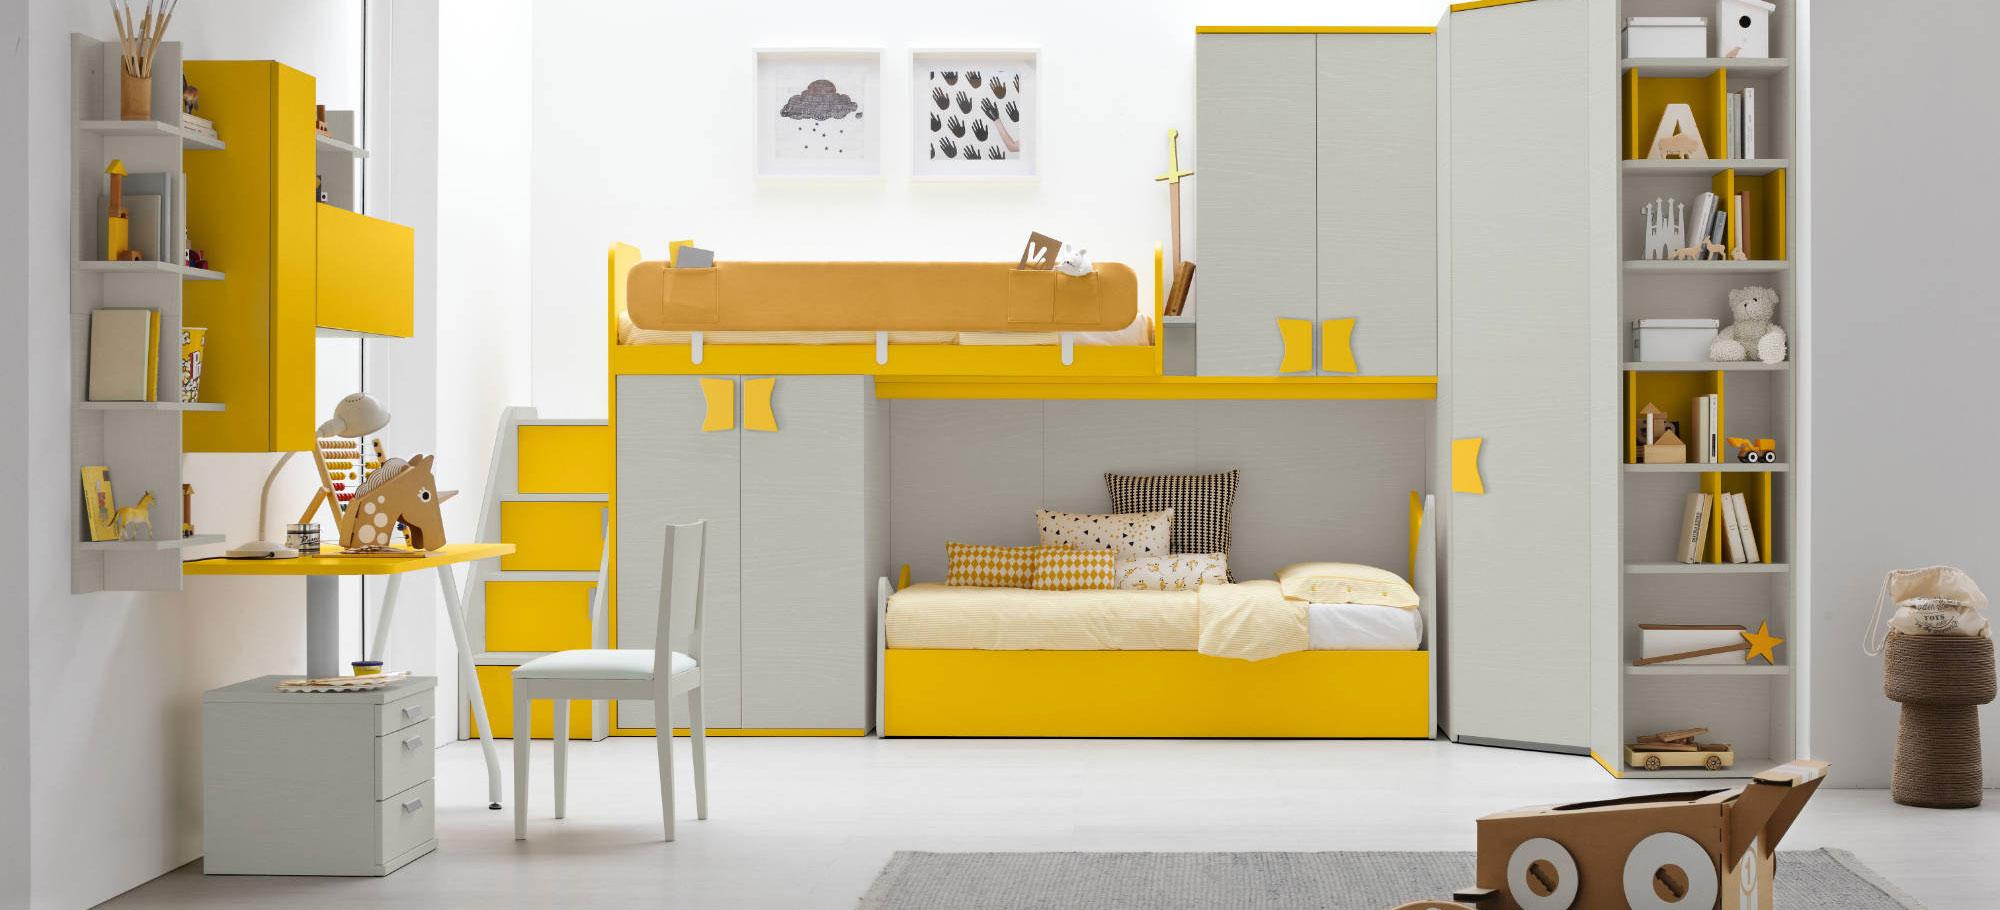 Offerte camere da letto bambini design for Camere x ragazzi offerte